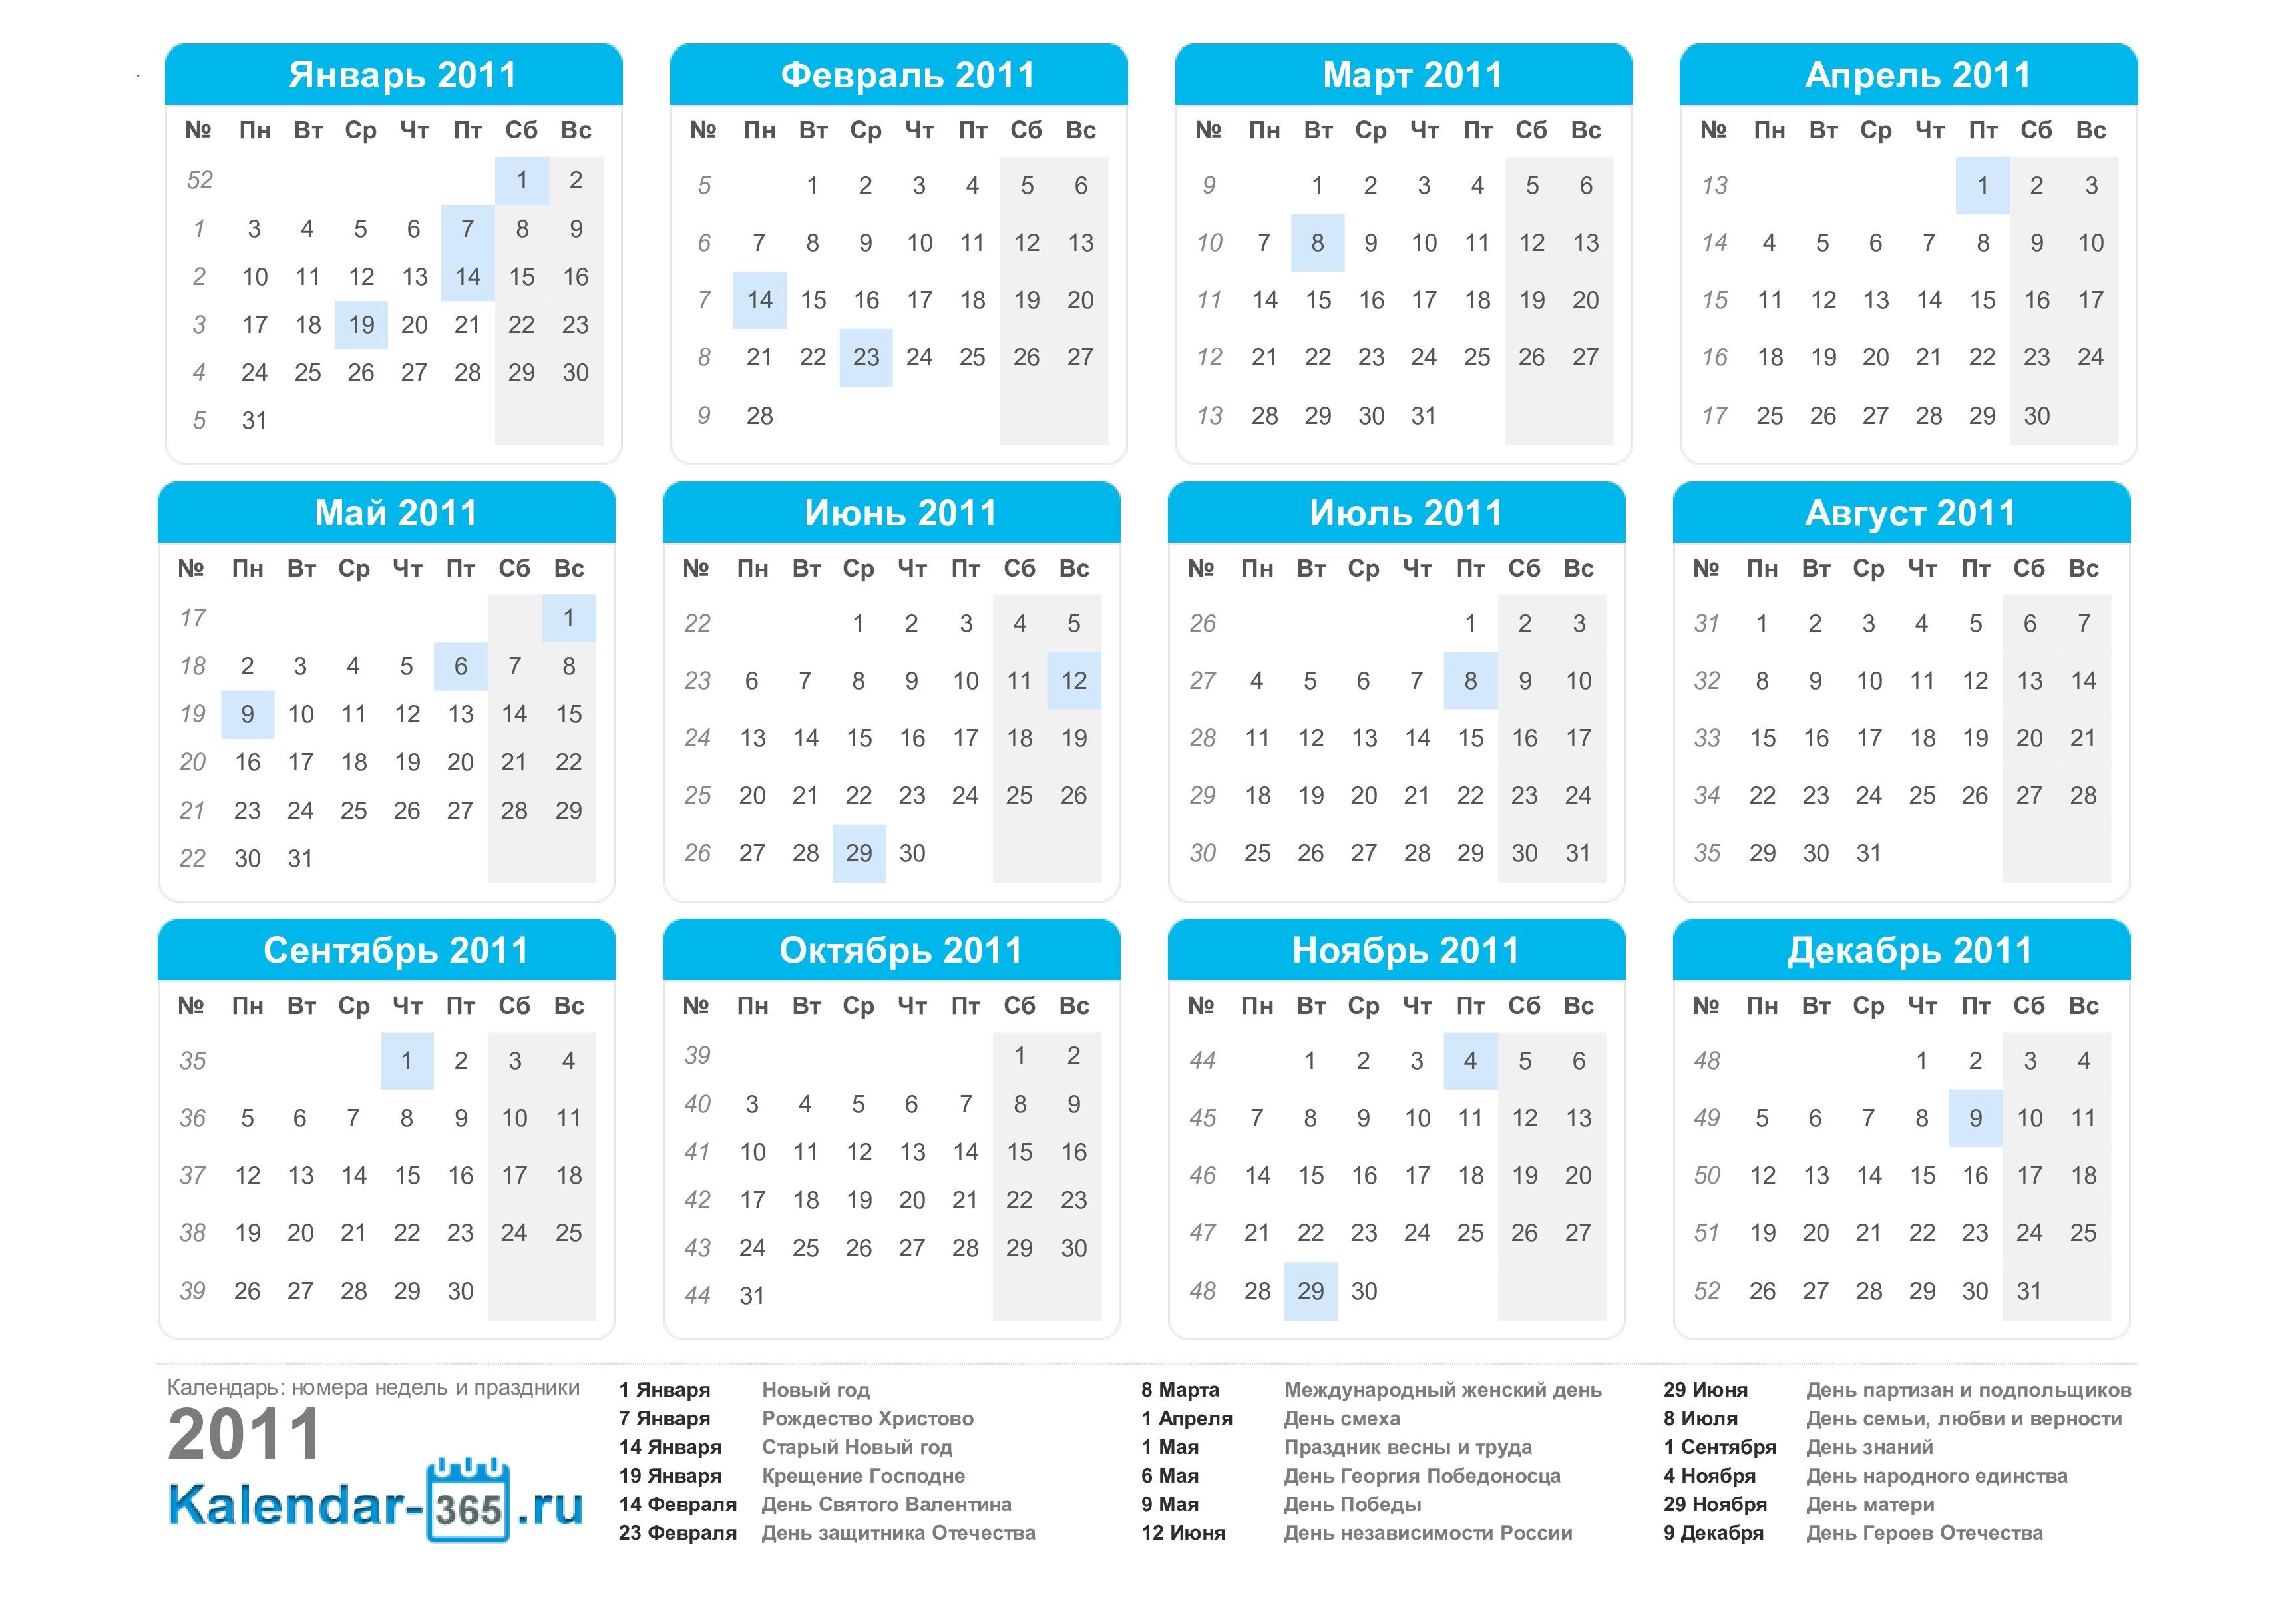 Календарь знаменательных дат на 2012 год республики алтай